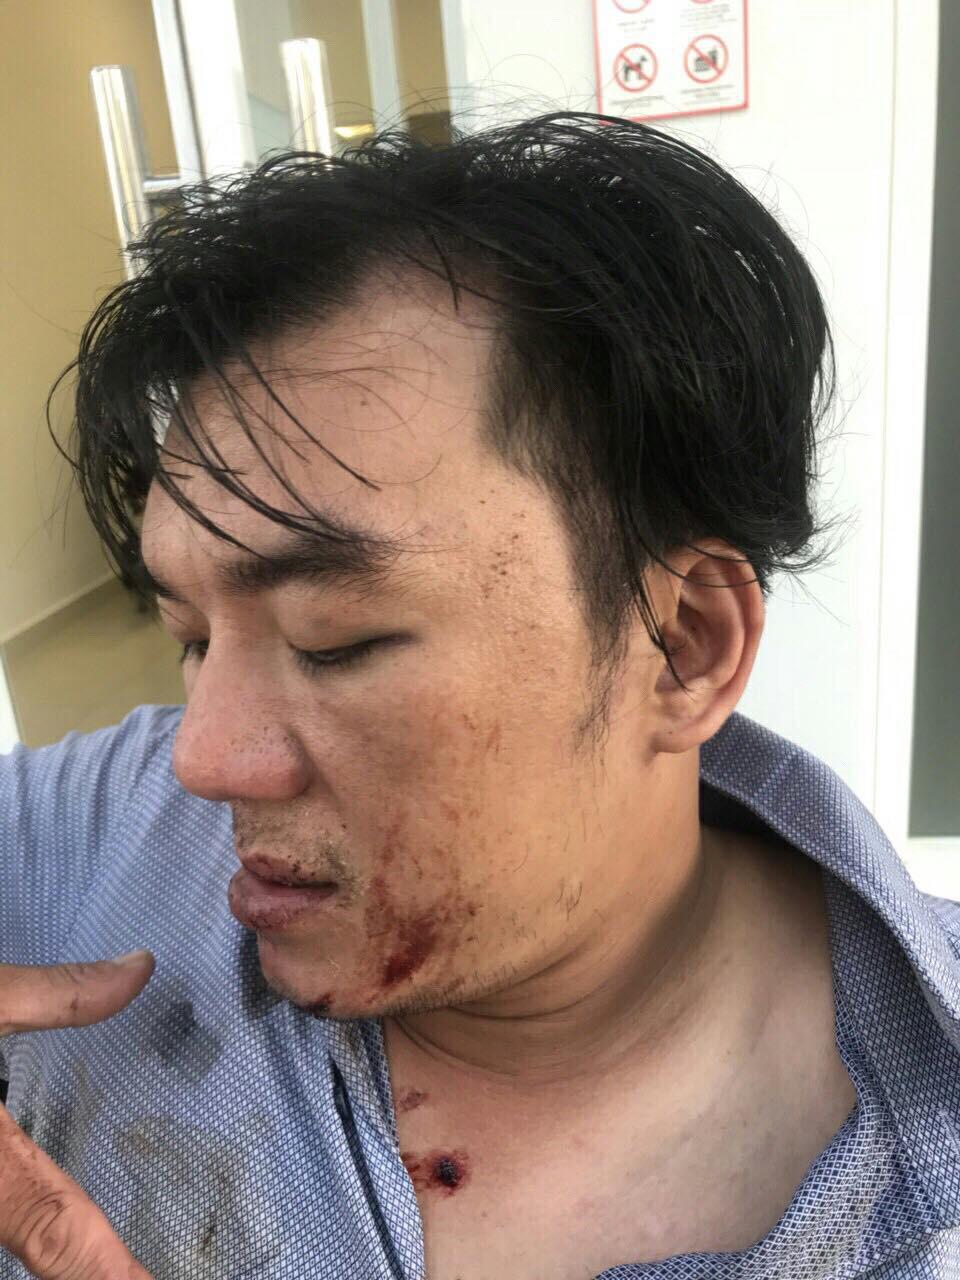 Anh Hiếu được gia đình đưa đến bệnh viện trong tình trạng bị đa chấn thương vùng mặt, mang tai, chấn thương não.